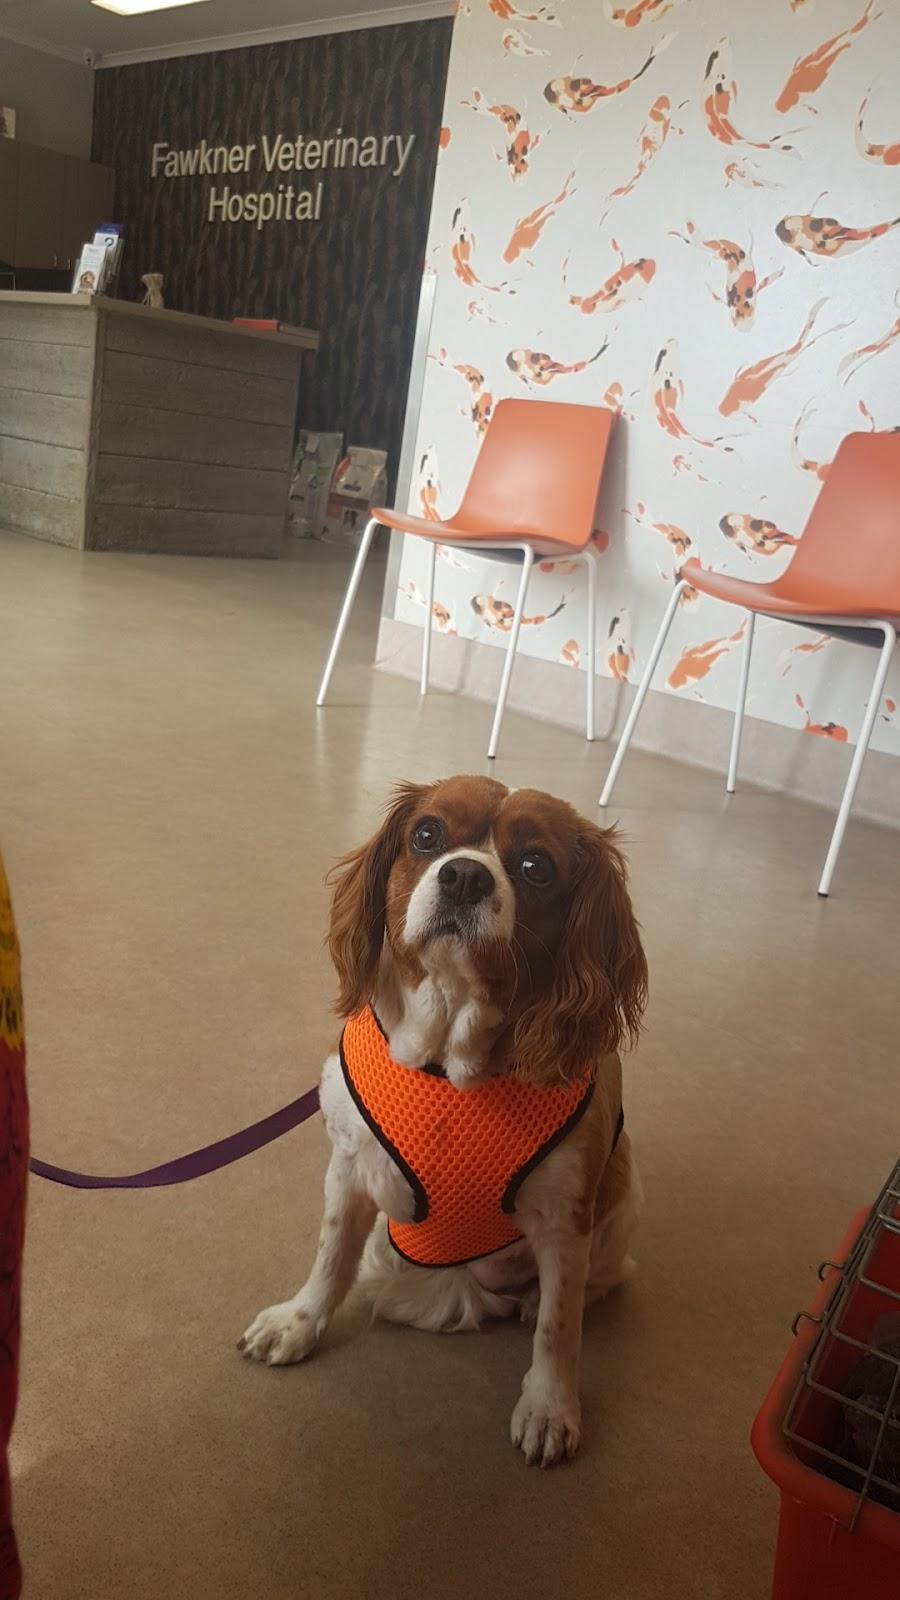 Fawkner Veterinary Hospital   veterinary care   1148 Sydney Rd, Fawkner VIC 3060, Australia   0393593474 OR +61 3 9359 3474